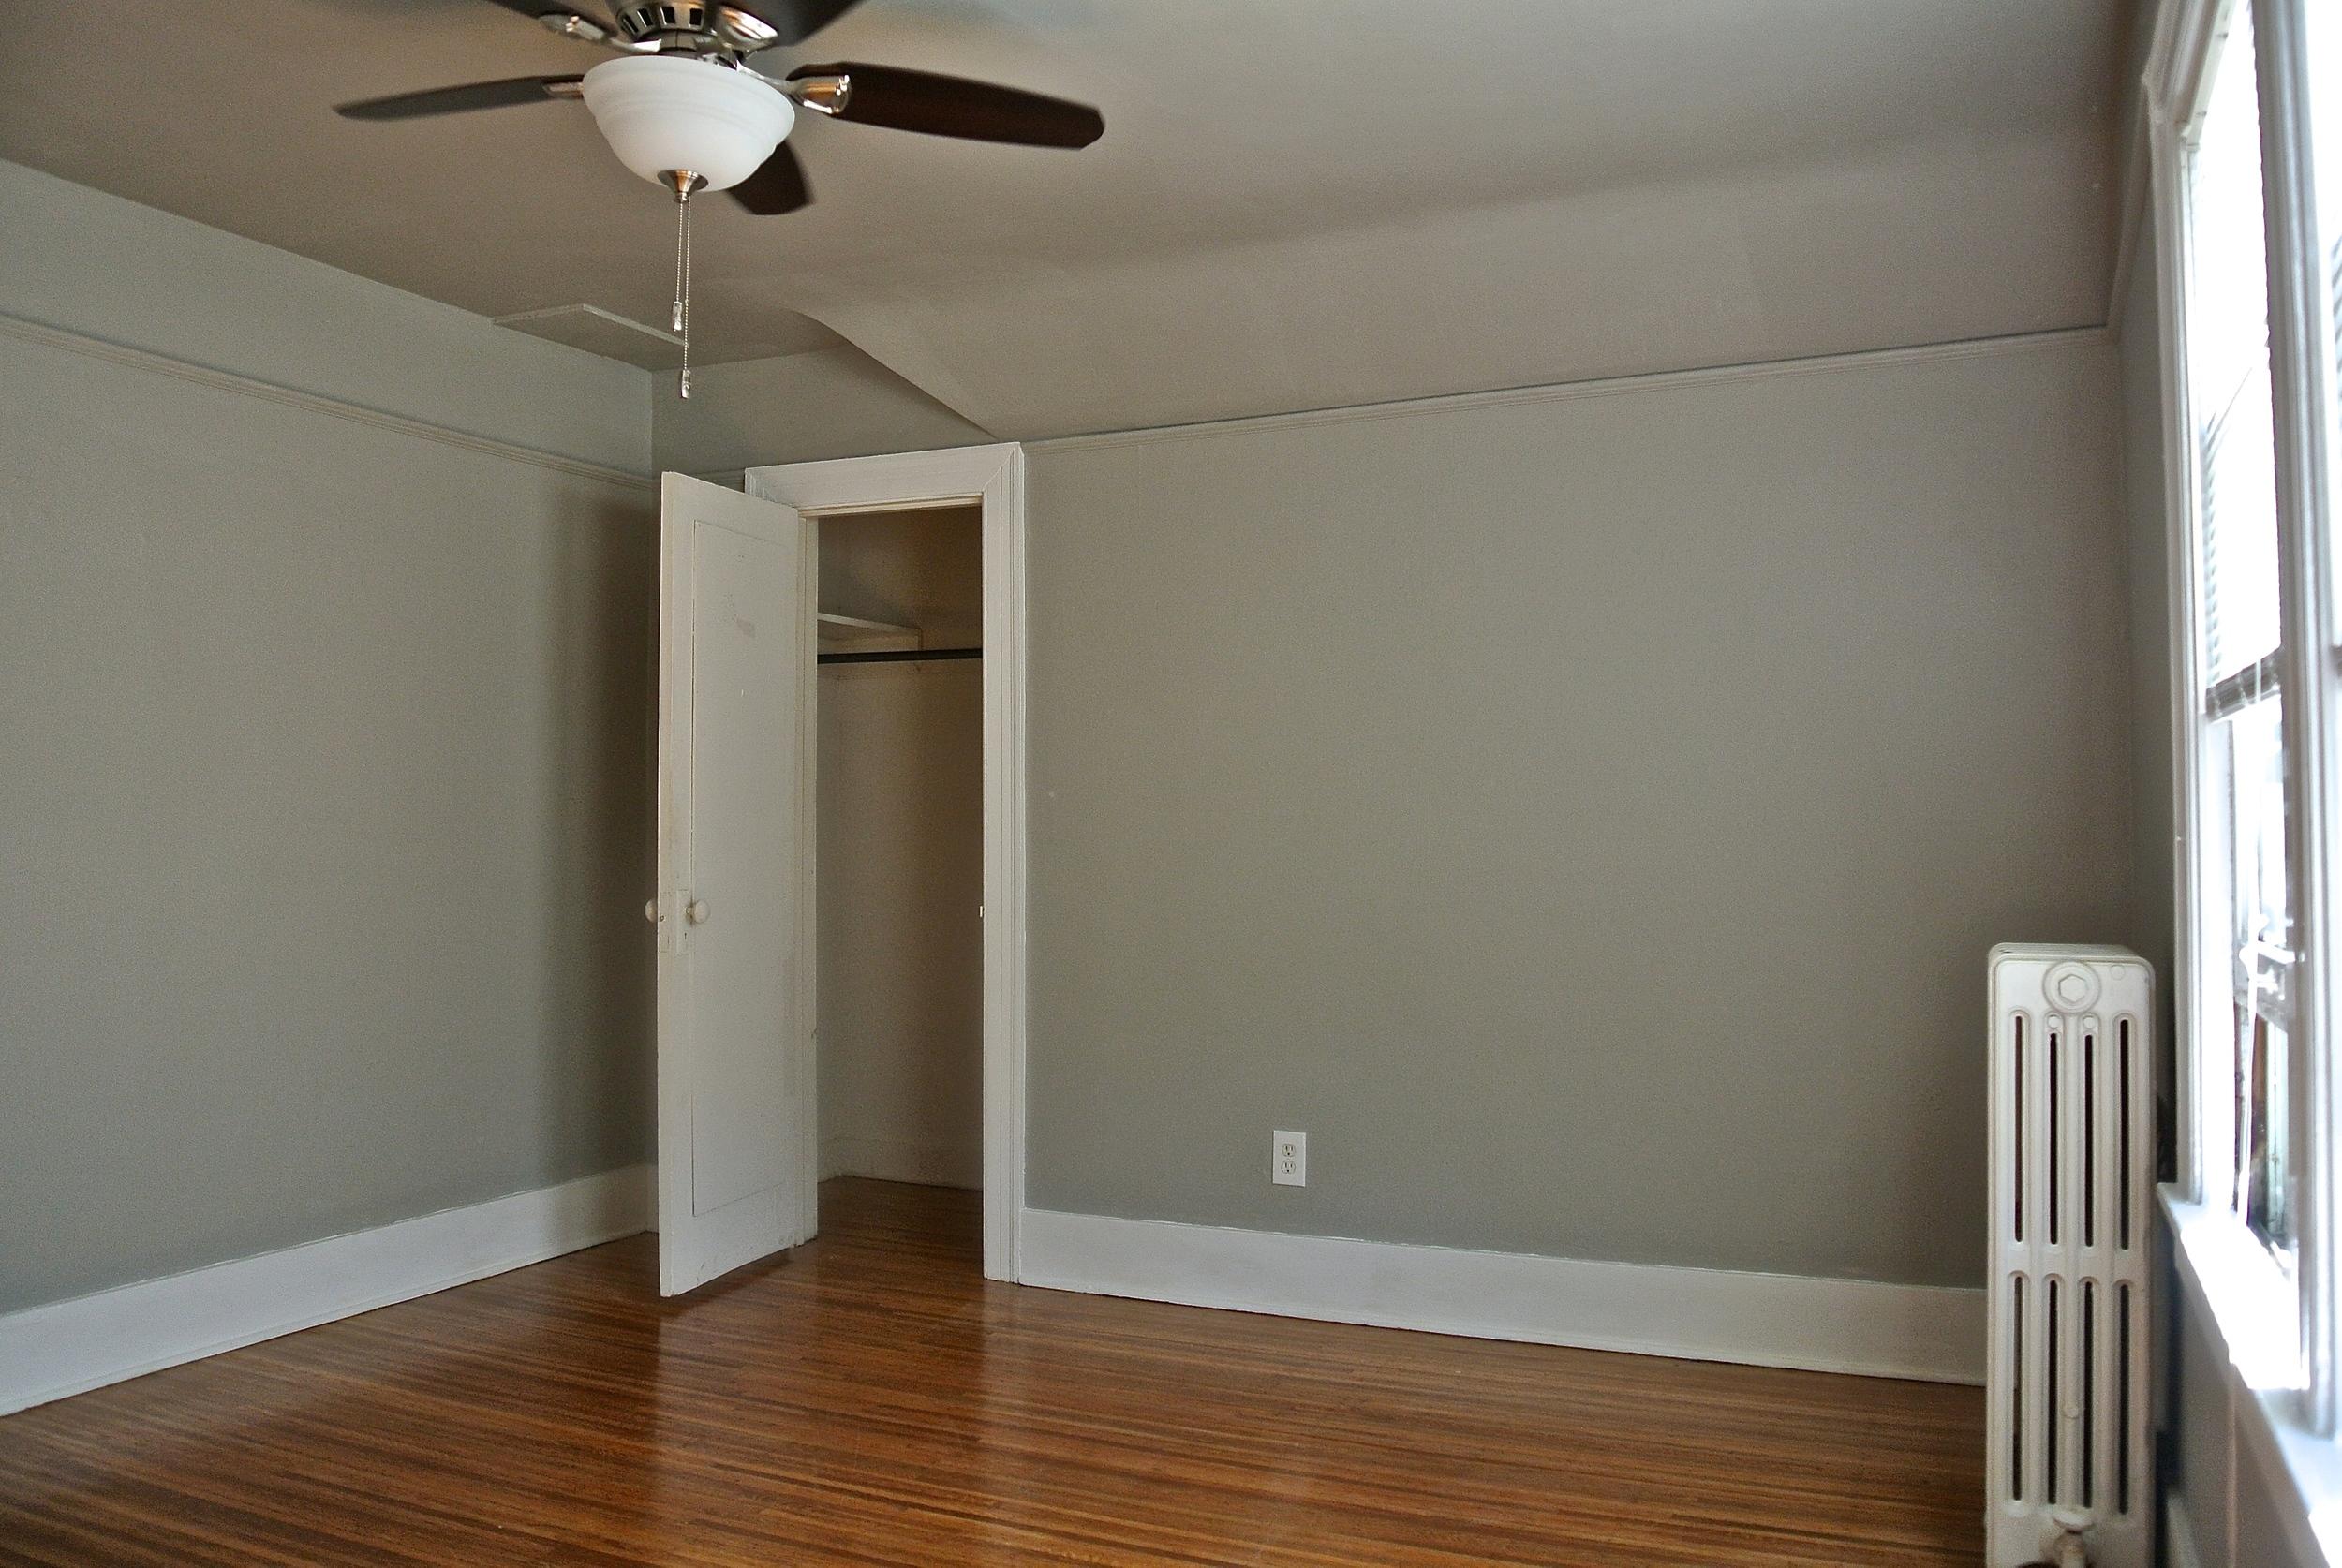 37 Thayer St - #3 - Bedroom2.JPG